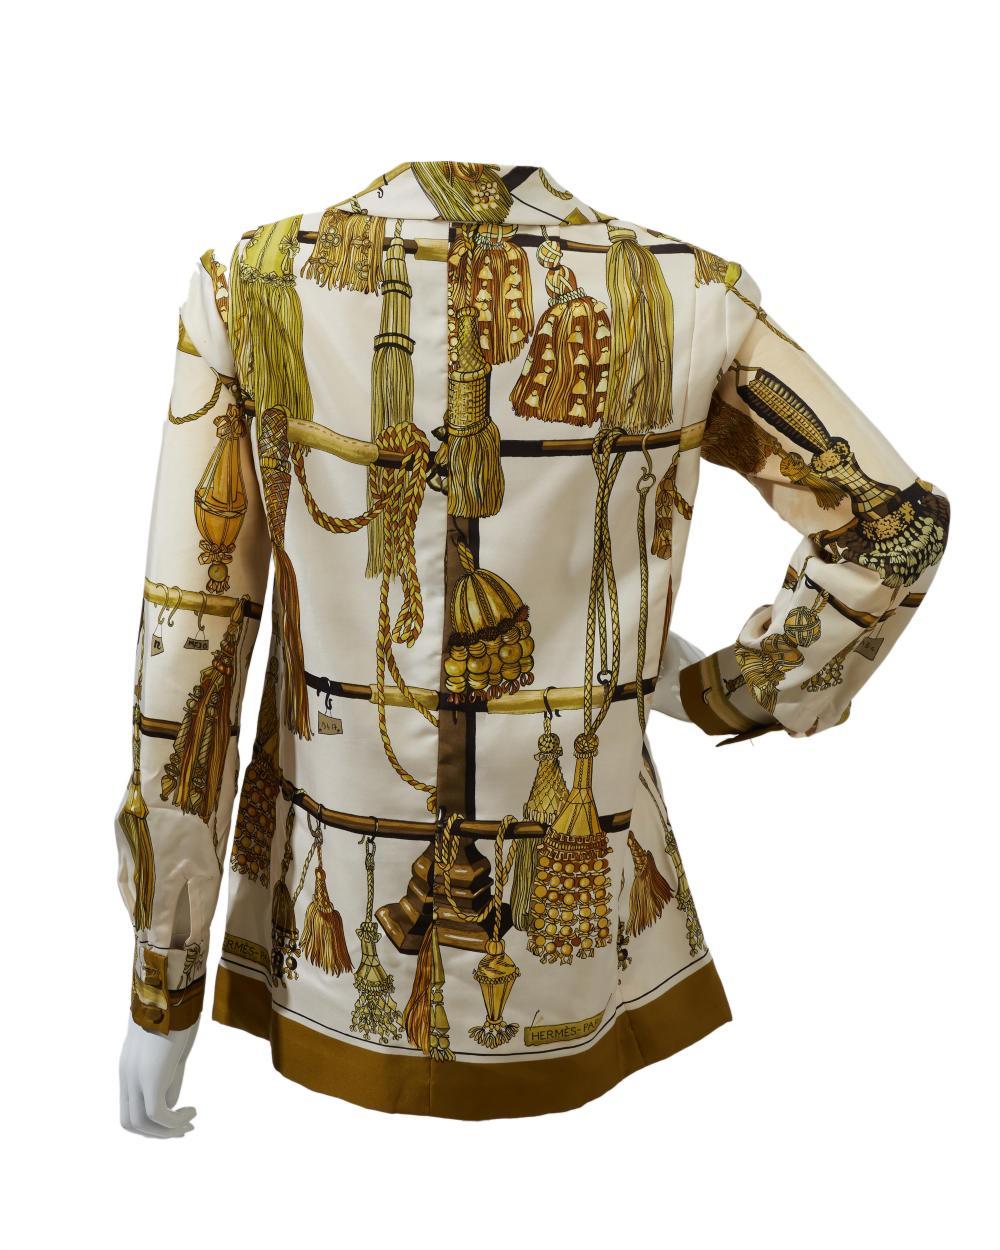 An Hermès